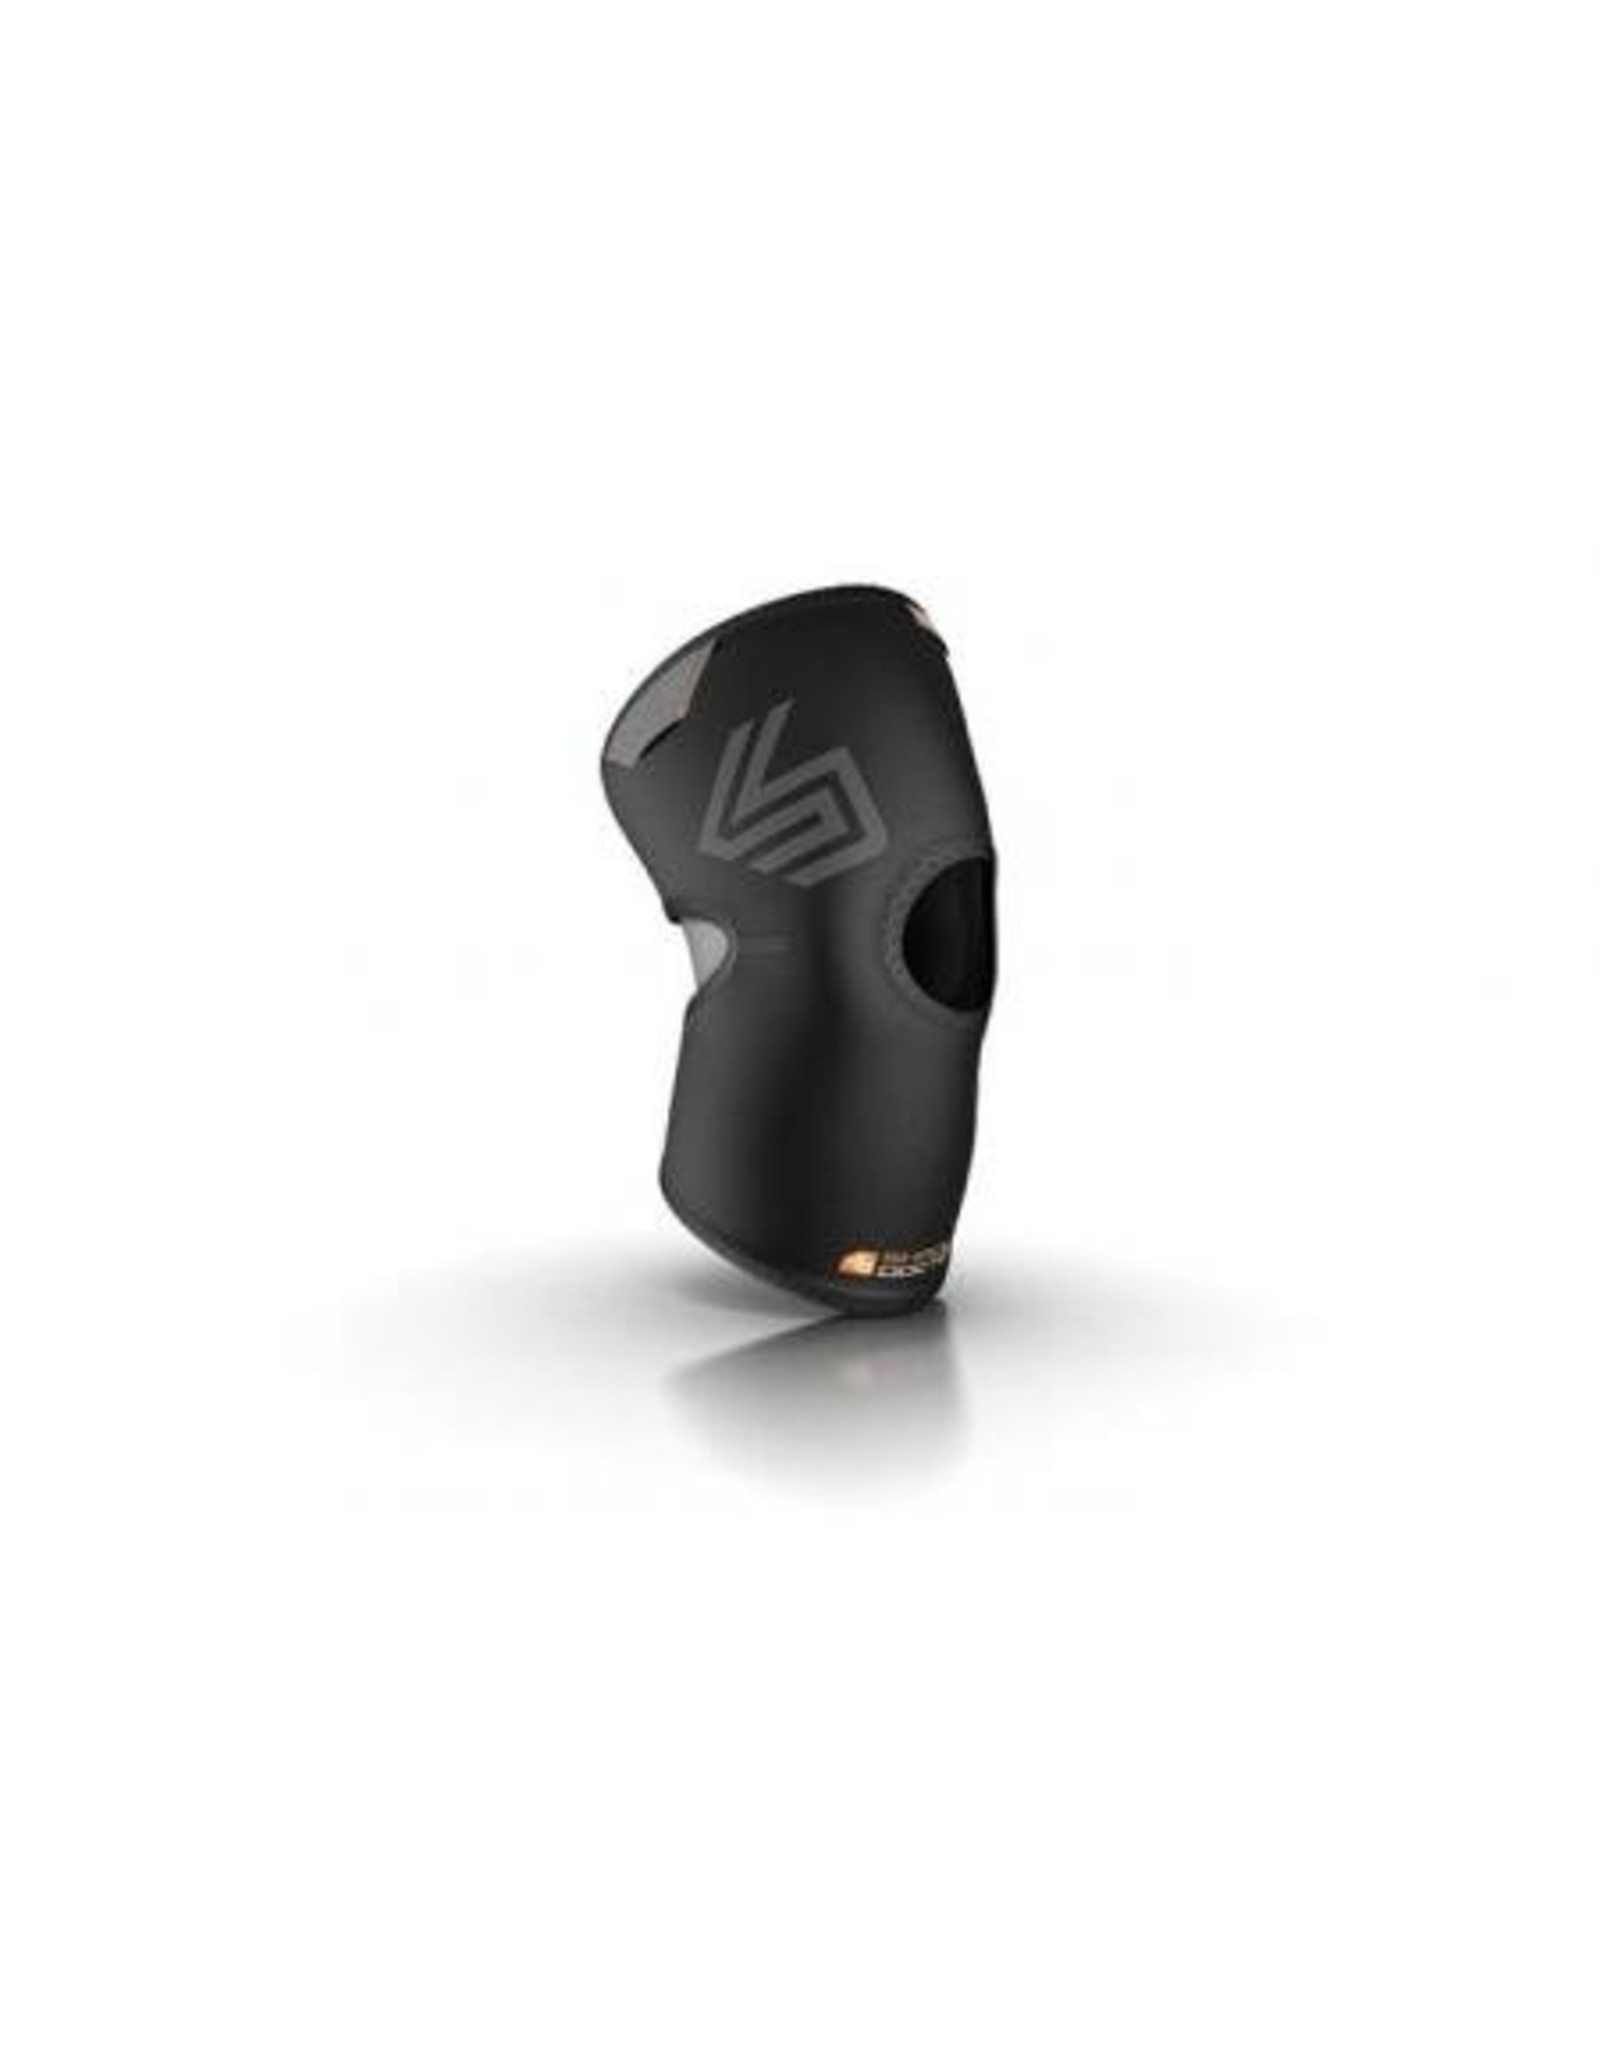 Shockdoctor Shockdoctor Knee Compe Sleeve Patella